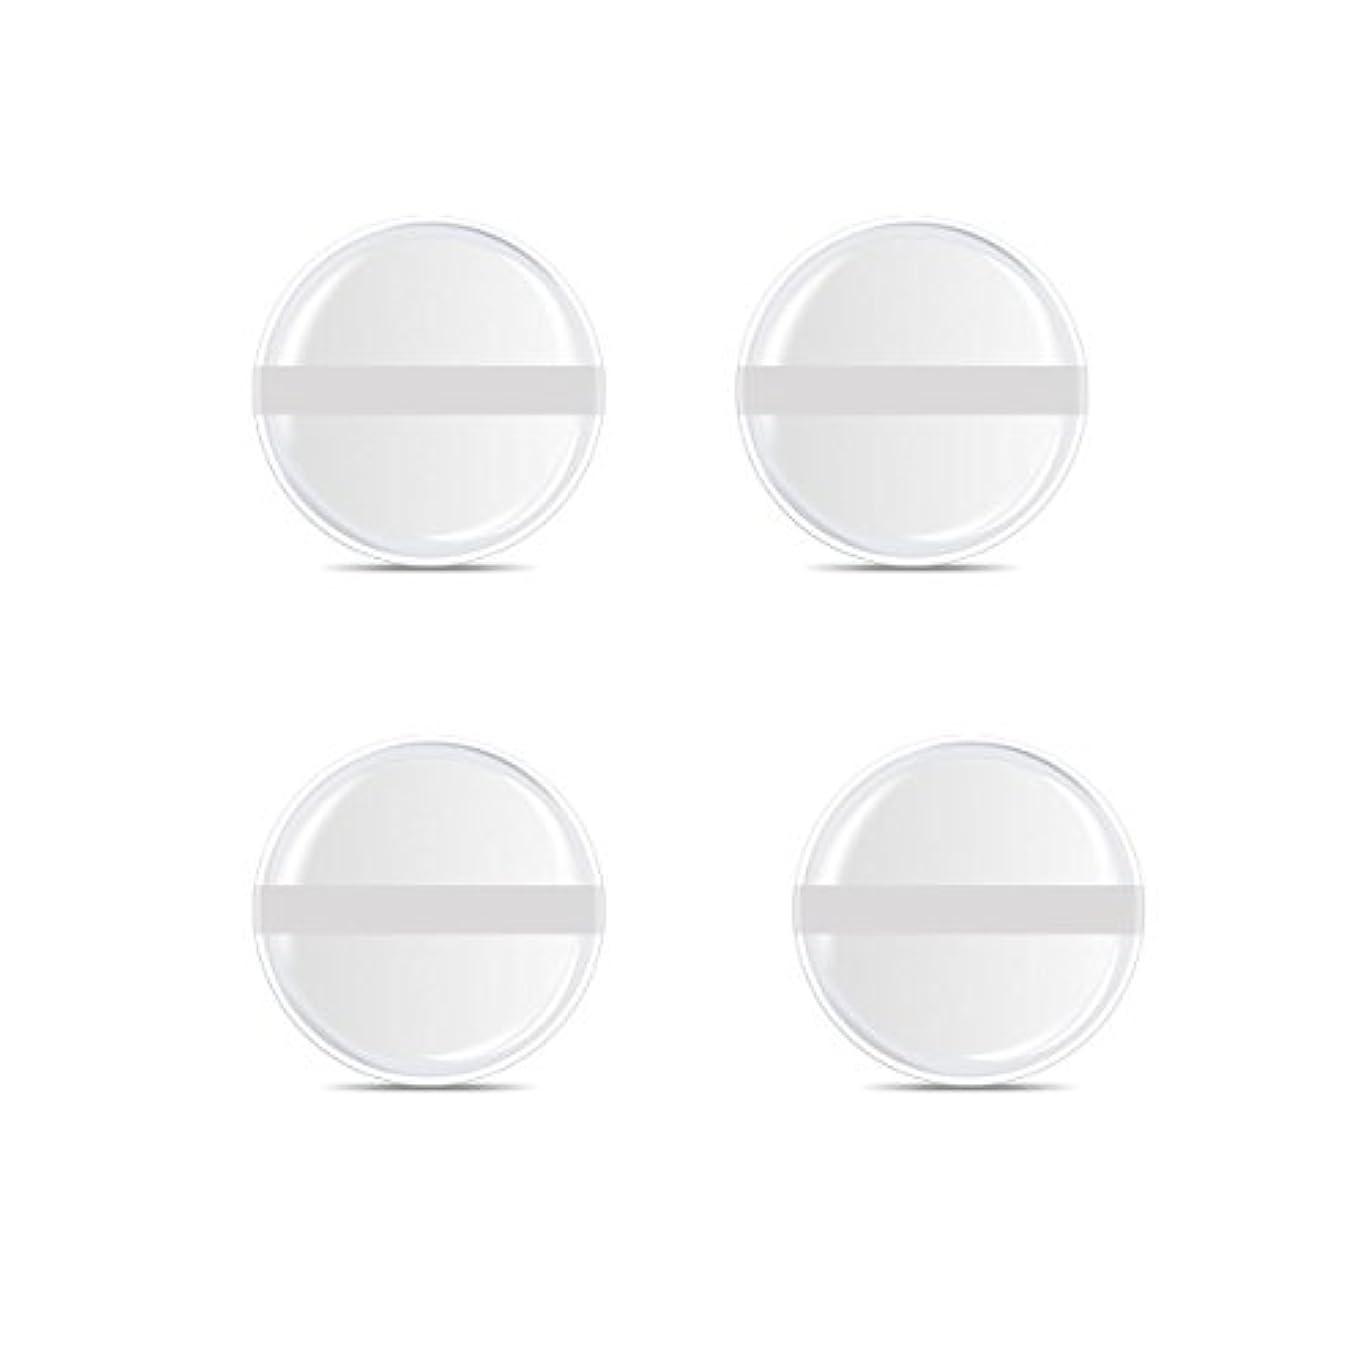 効能レガシーフィドルシリコンパフ 帯付き メイクスポンジ ゲルパフ ゼリーパフ 清潔しやすい衛生 柔らかく 透明な 4枚入 (円形 4入り)